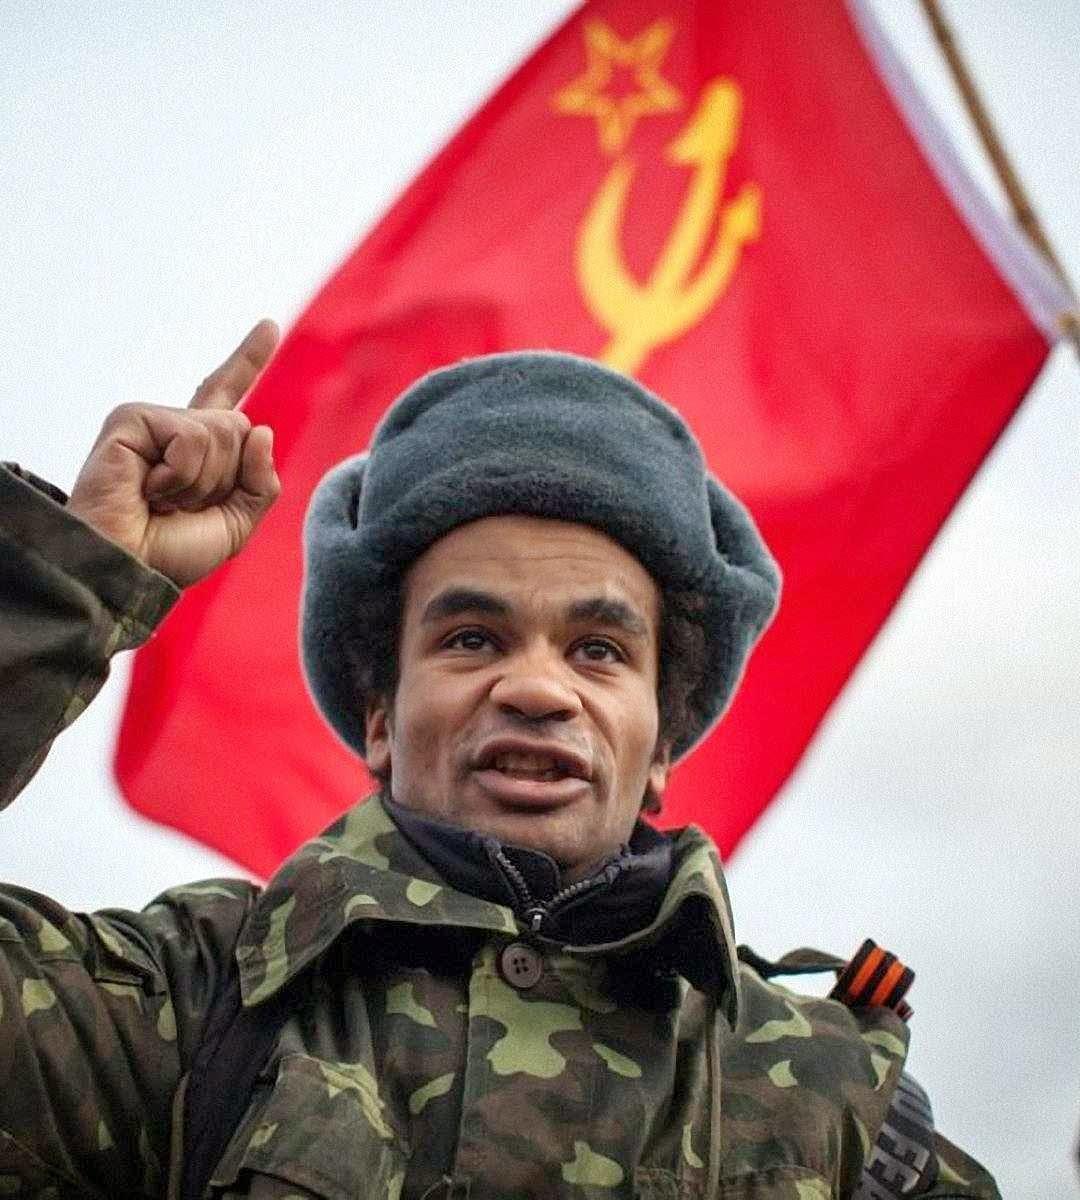 A anexação ilegal da Criméia  patenteou que Putin não respeita os fundamentos  do Direito cristão, natural e internacional